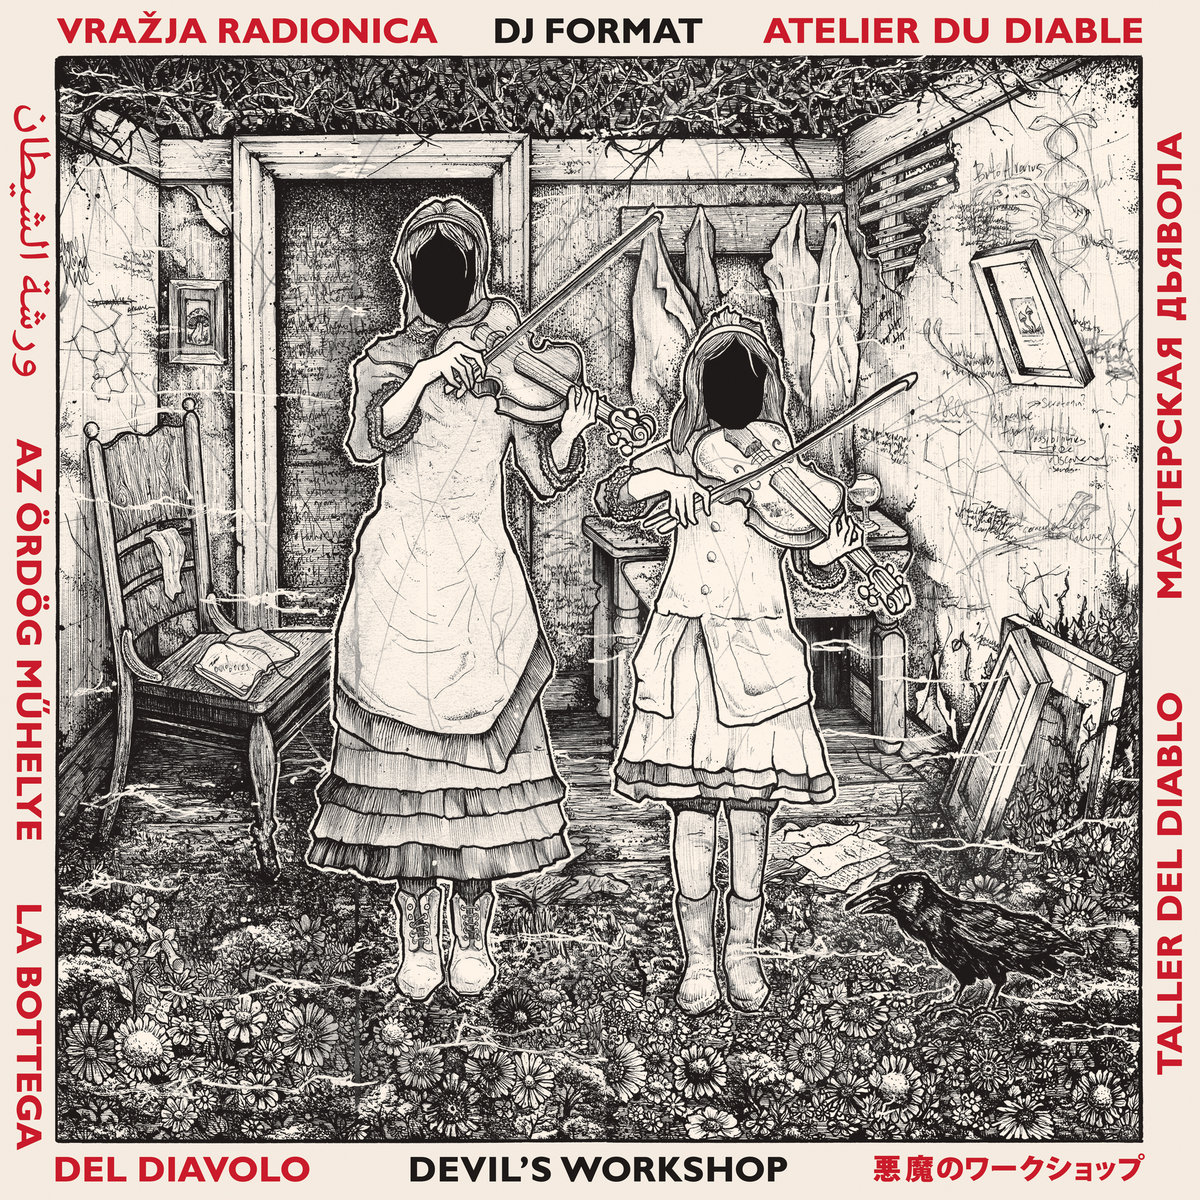 DJ Format - Devil's Workshop